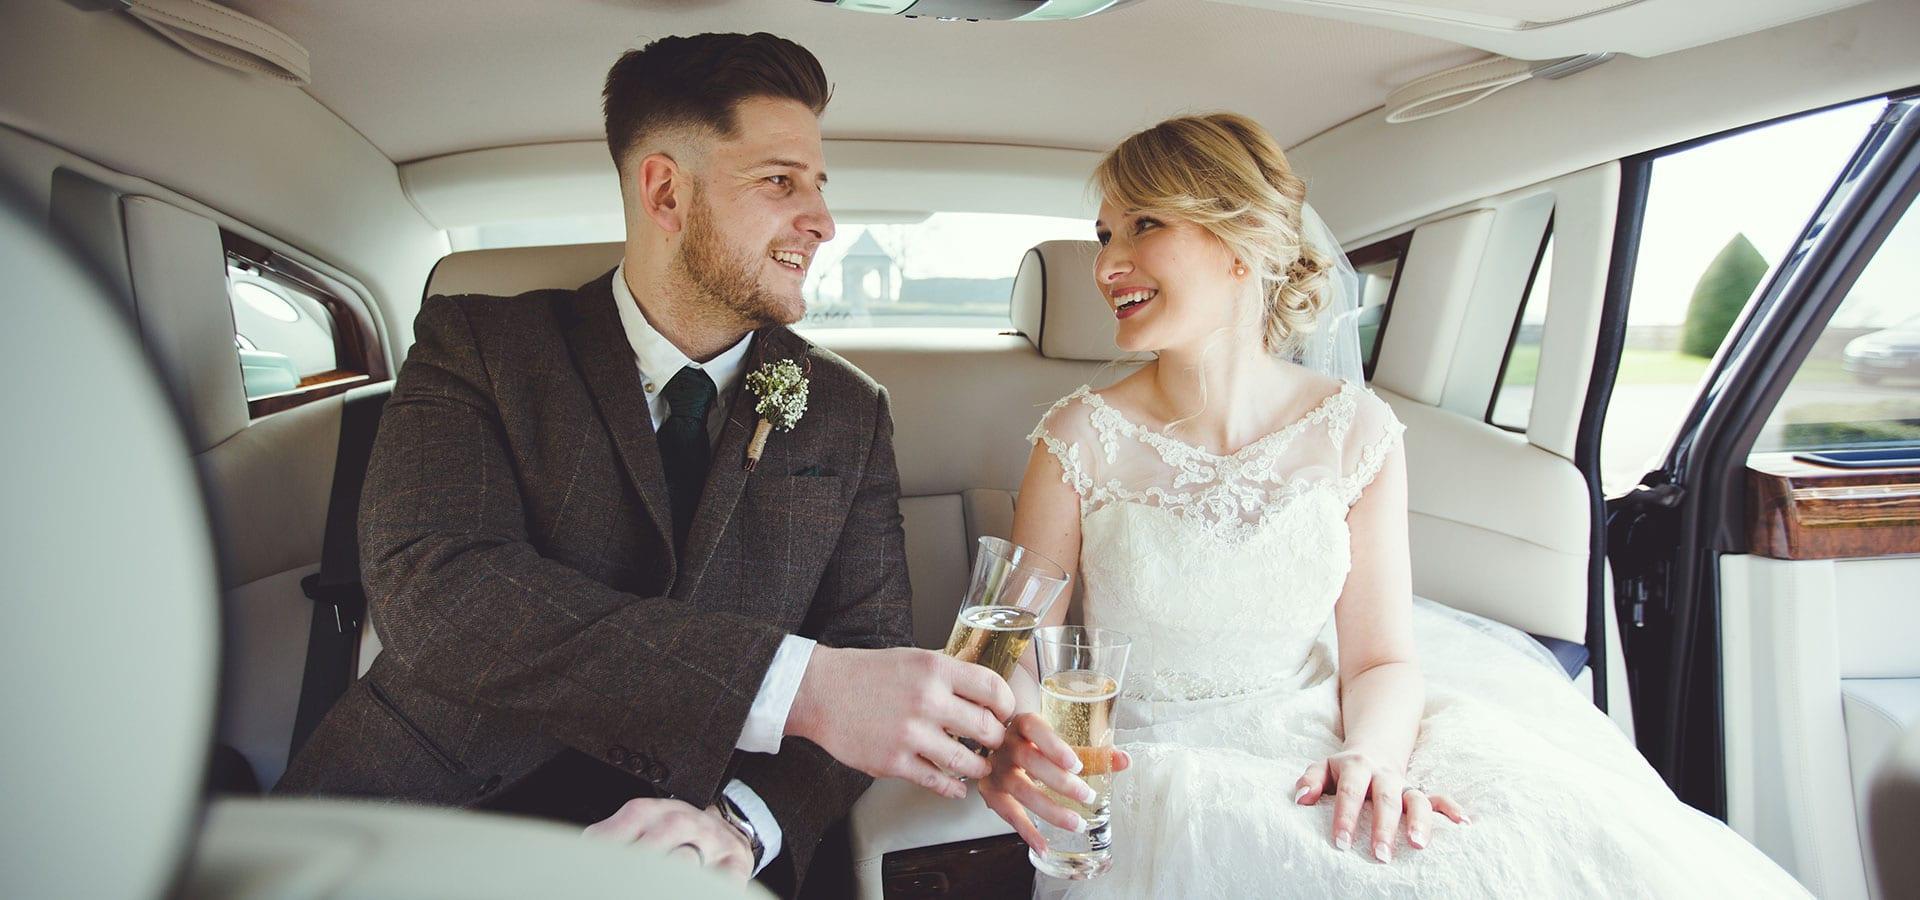 Bride-Groom-Rolls-Royce-Phantom-Wedding-Car-Champagne